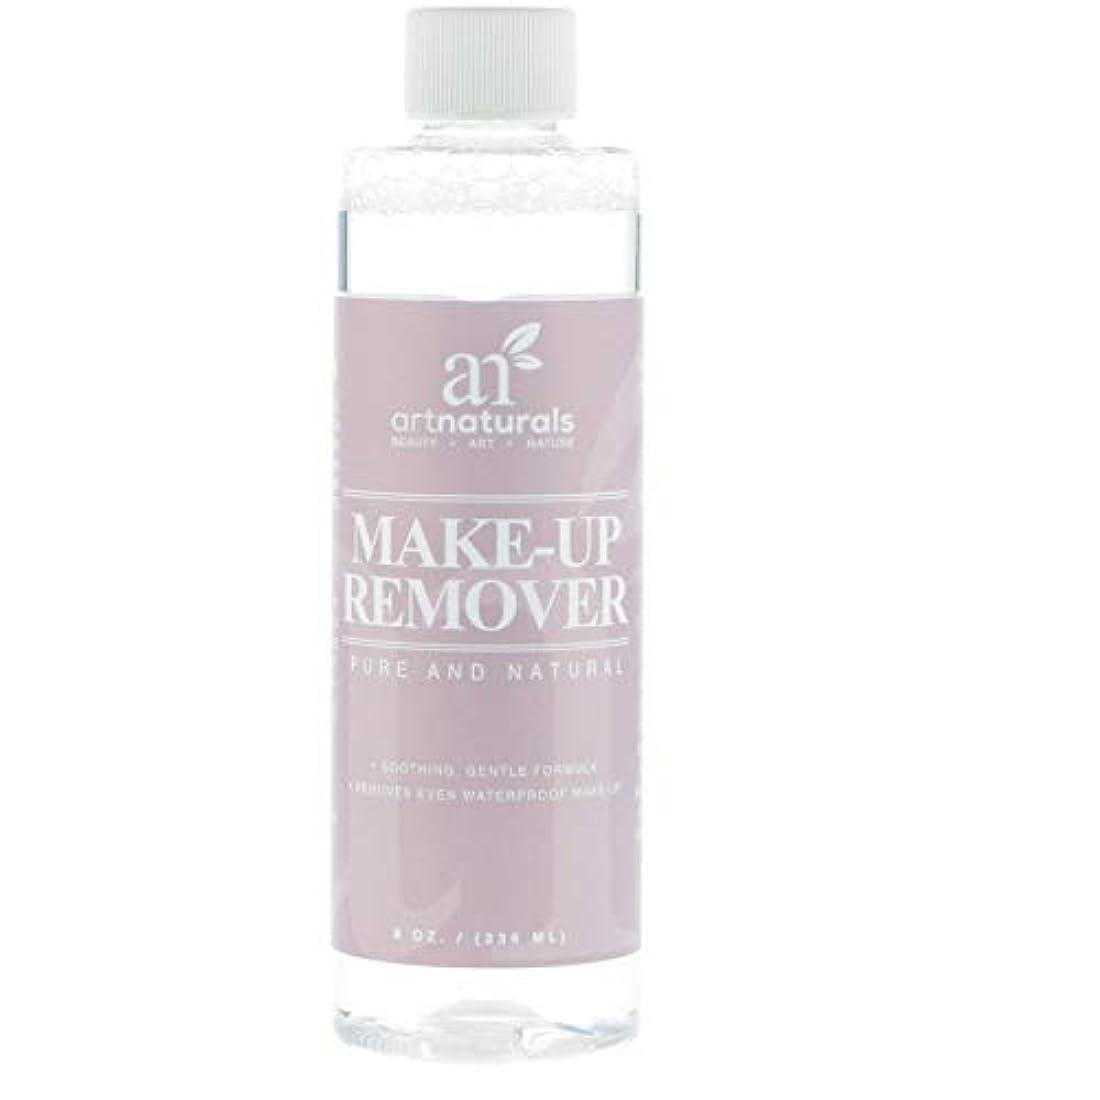 仮装ミリメートルペインArtNaturals Makeup Remover, Oil Free, Natural Cleansing Cosmetics, 8.0 o